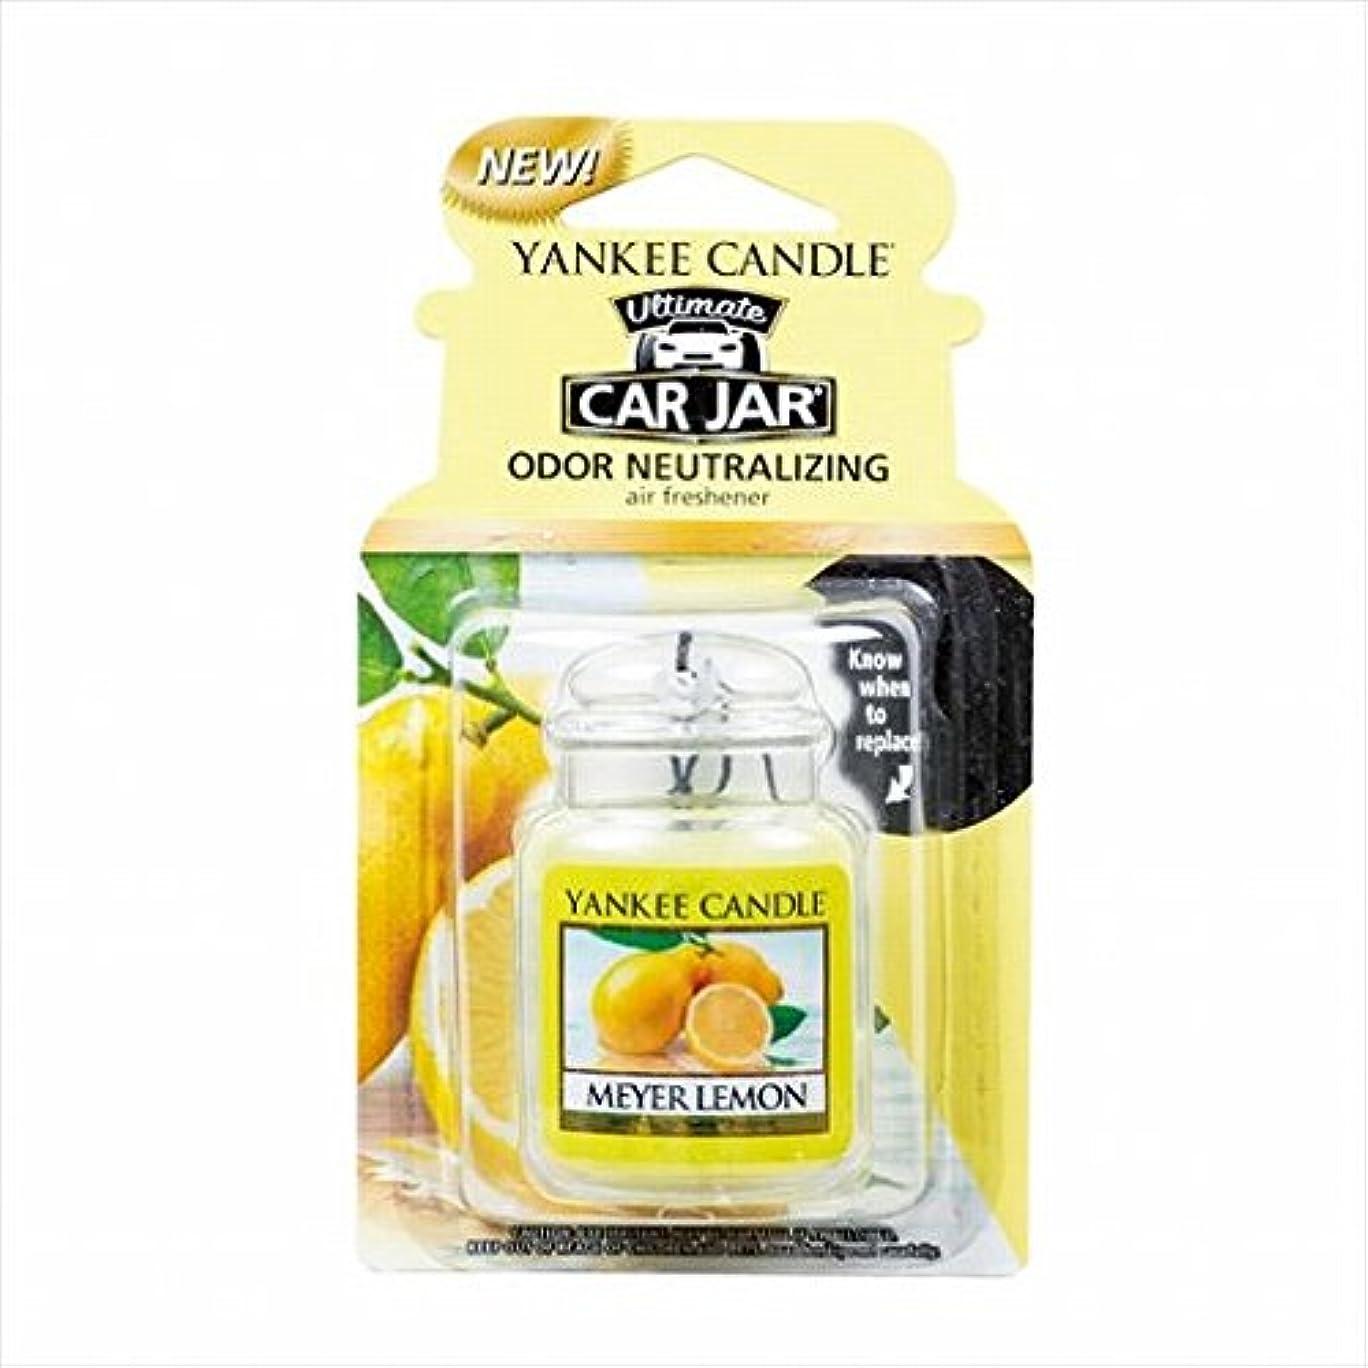 付録沈黙私カメヤマキャンドル(kameyama candle) YANKEE CANDLE ネオカージャー 「 メイヤーレモン 」